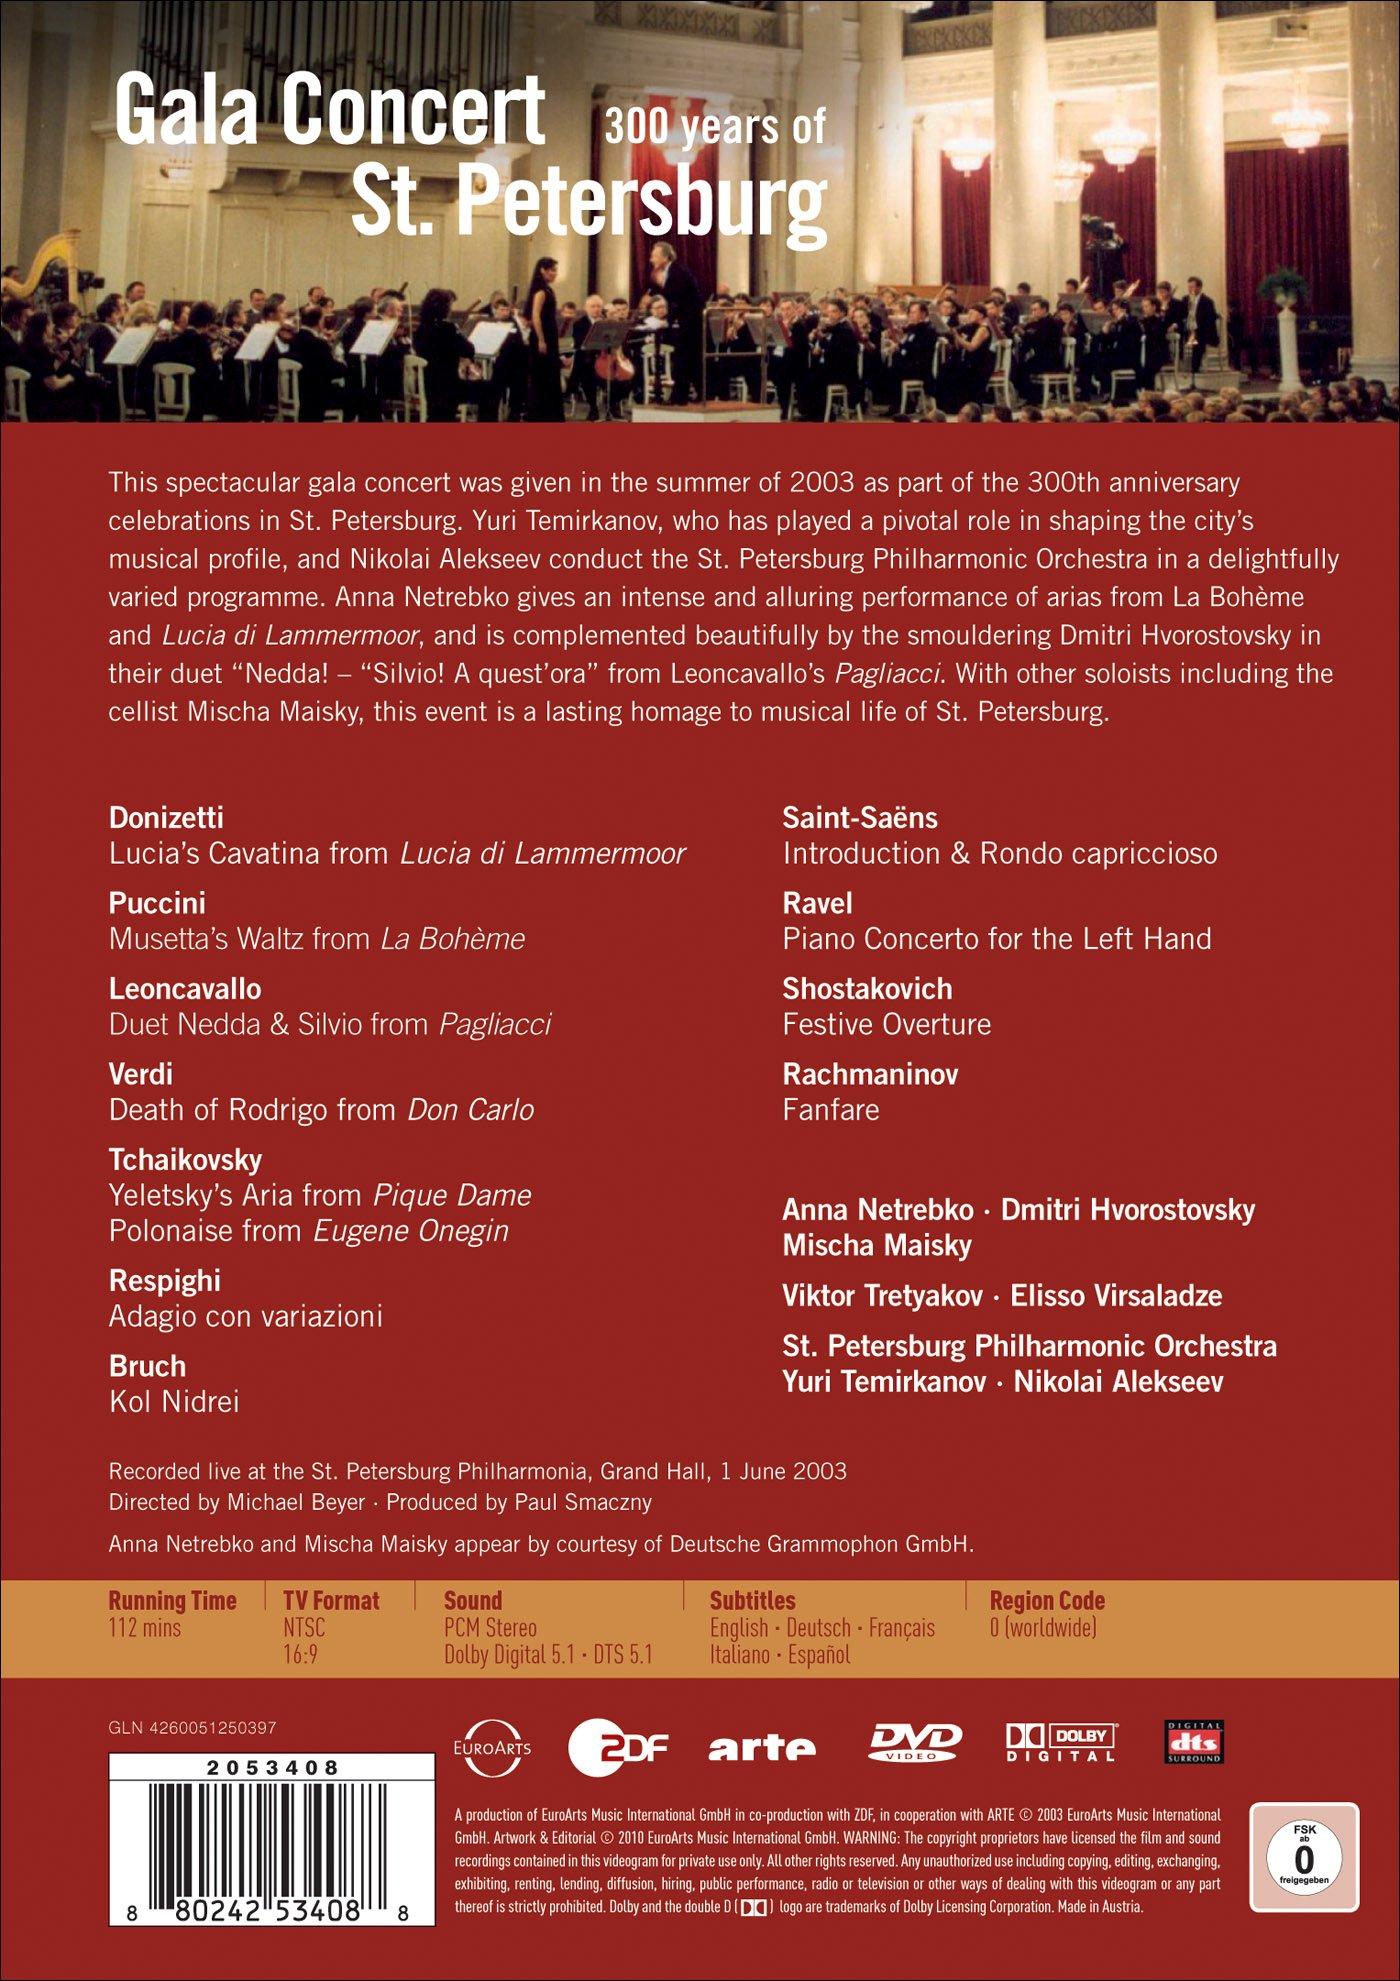 Gala Concert from St. Petersburg / Anna Netrebko, Dmitri Hvorostovsky, Mischa Maisky, Victor Tretyakov, Elisso Virsaladze, Yuri Temirkanov, Nikolai Alekseev, St. Petersburg Philharmonic